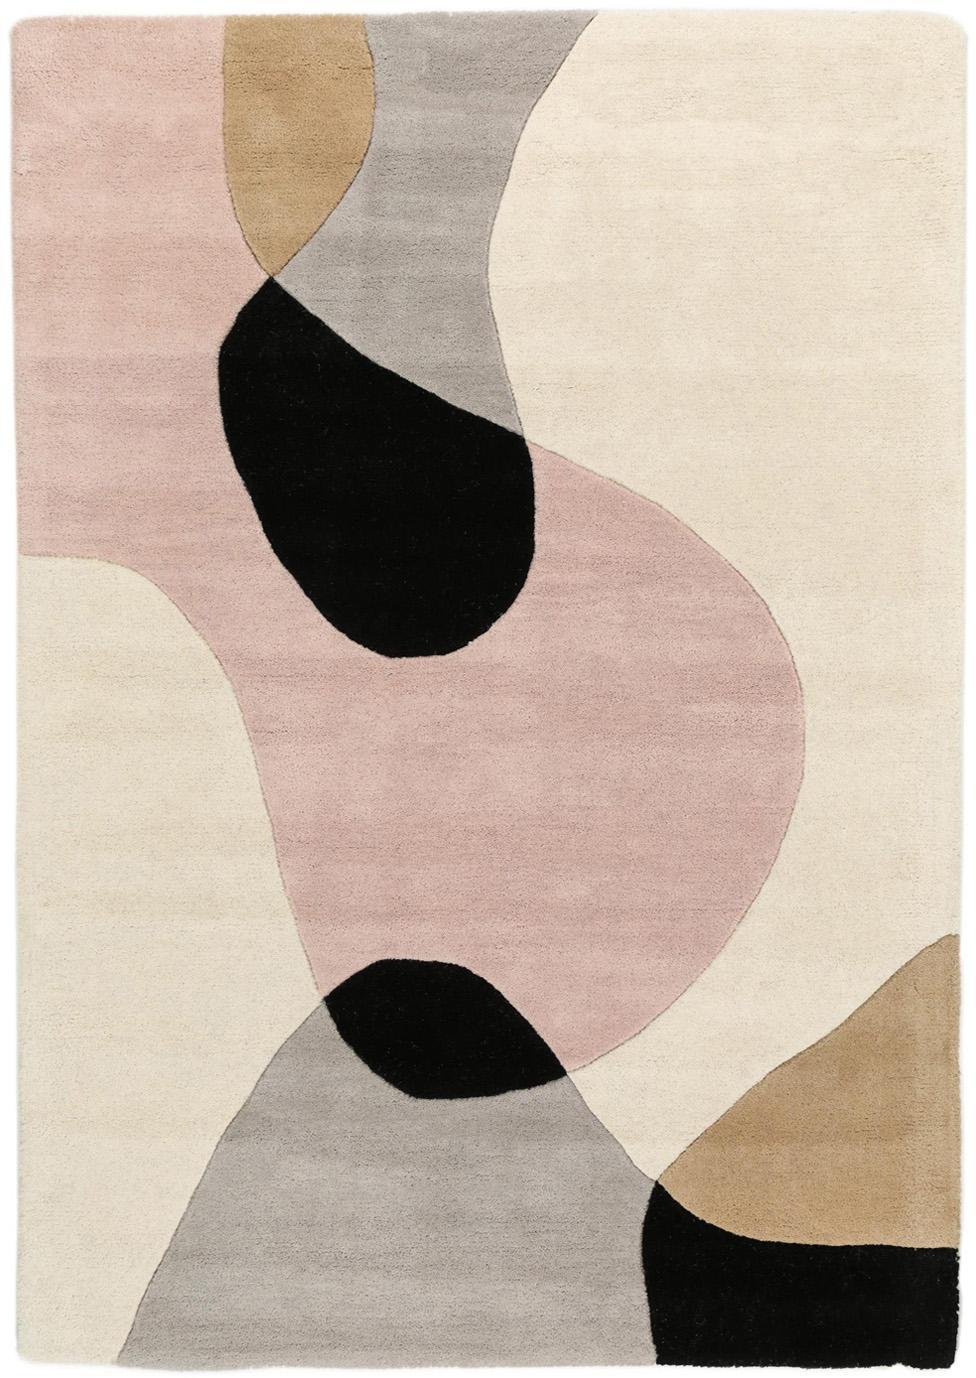 Ręcznie tuftowany dywan z wełny Matrix Arc, Odcienie beżowego, blady różowy, jasny szary, czarny, S 120 x D 170 cm (Rozmiar S)